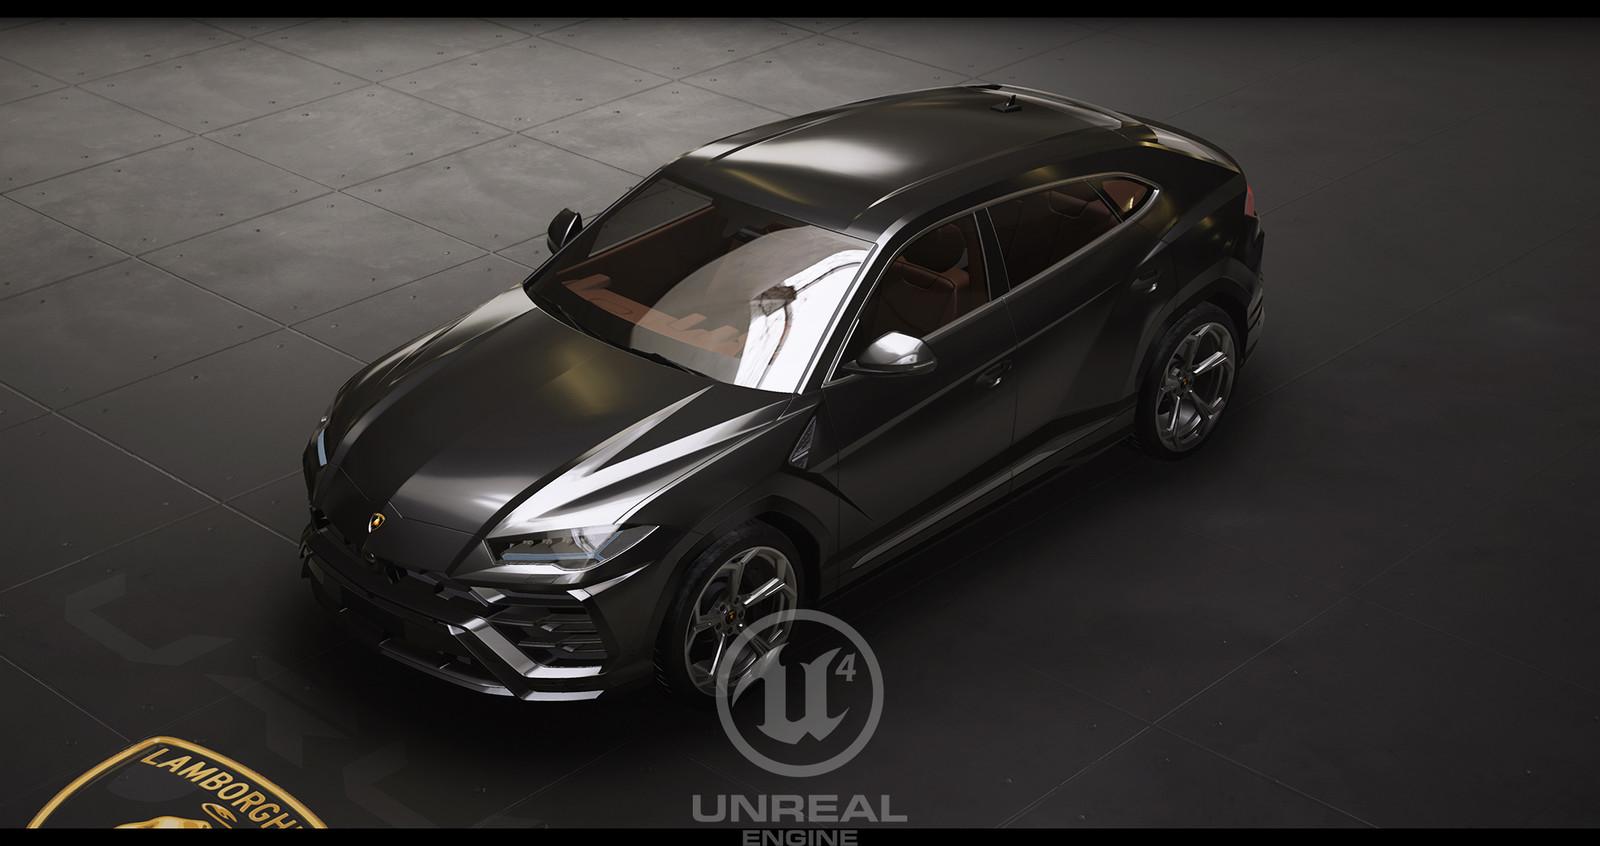 UE4 Automotive Rendering - Lamborghini Urus Configurator